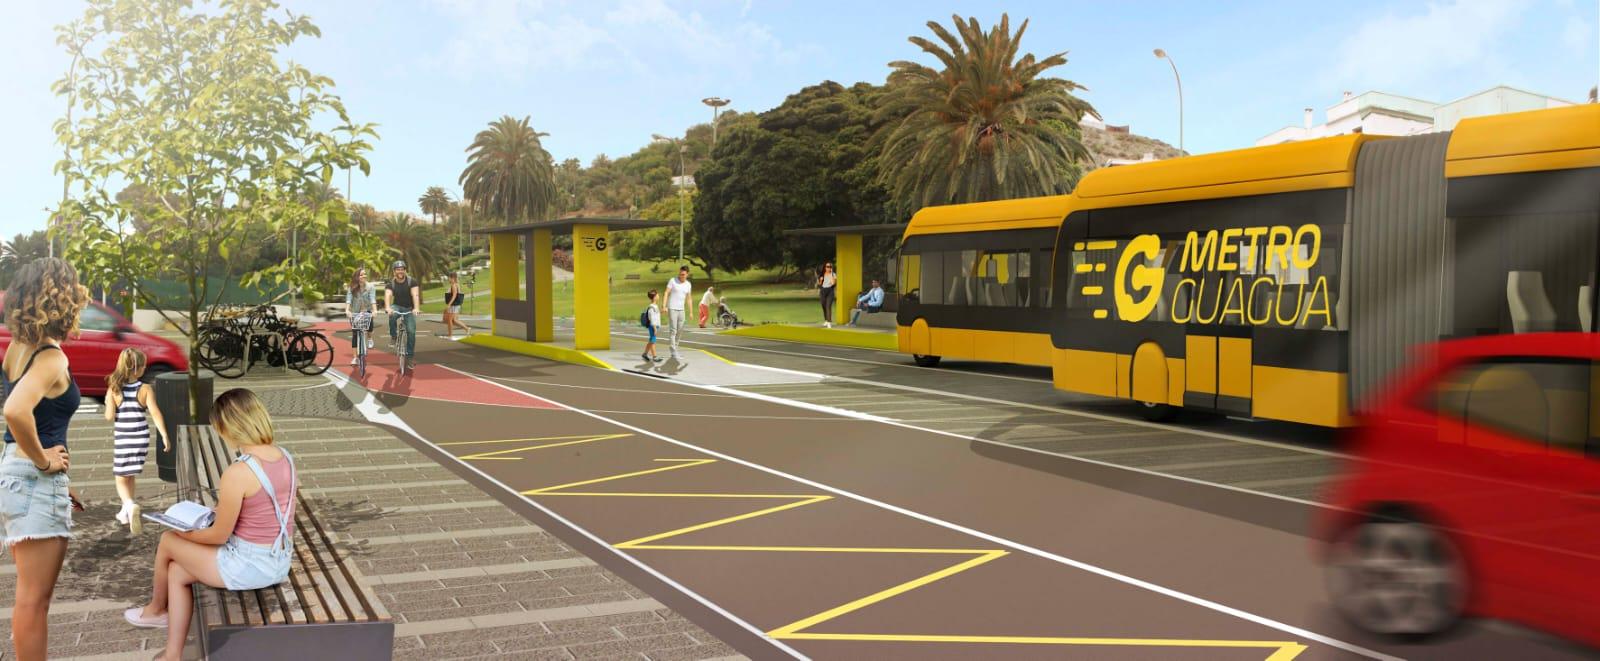 El Ayuntamiento de Las Palmas de Gran Canaria comienza las obras del tramo de MetroGuagua comprendido entre Juan XXIII y Emilio Ley